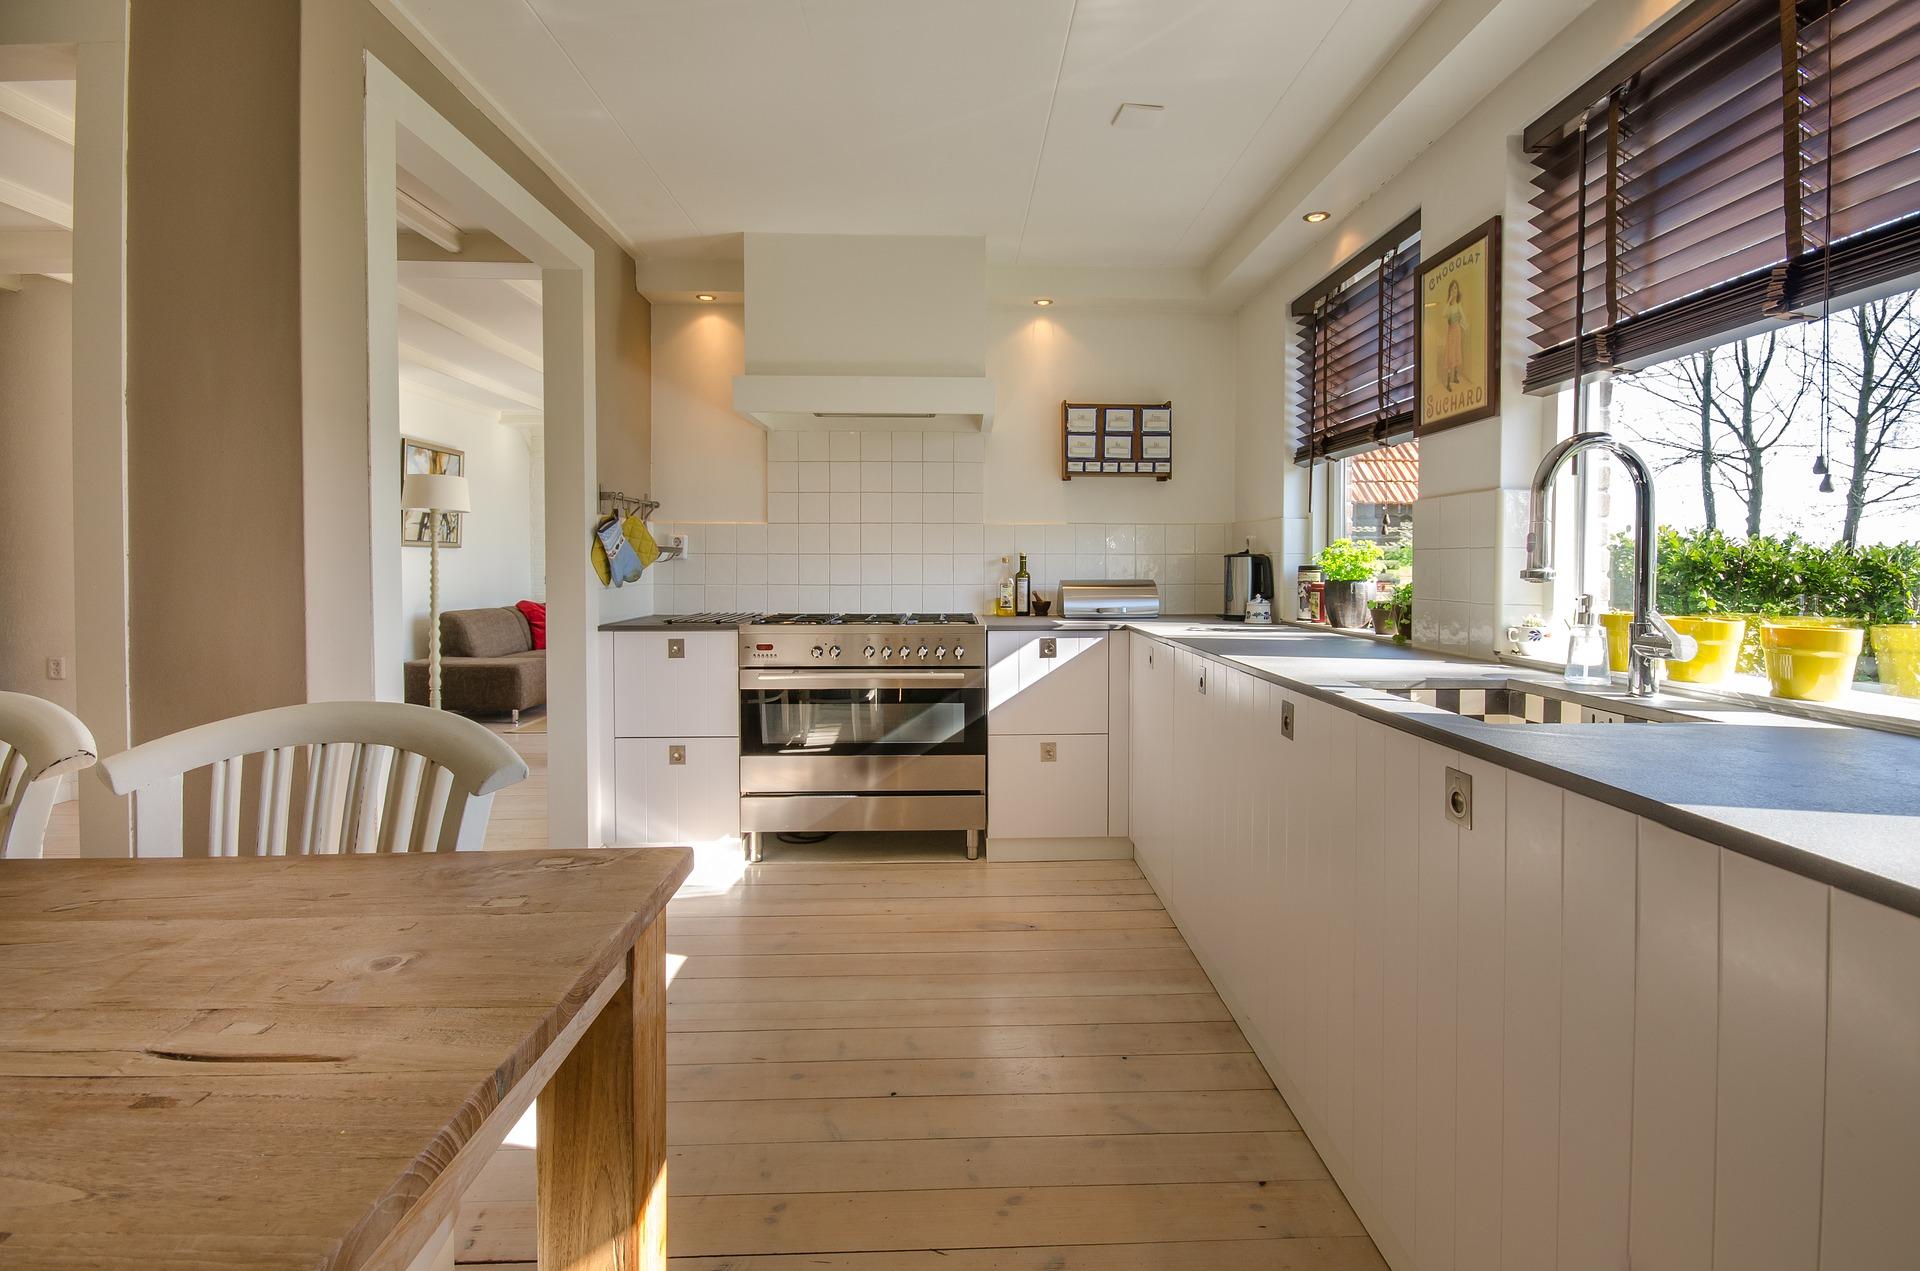 Keukeninspiratie: een nieuwe keuken met een budget #keuken #droomkeuken #houtenkeuken #keukenrenovatie